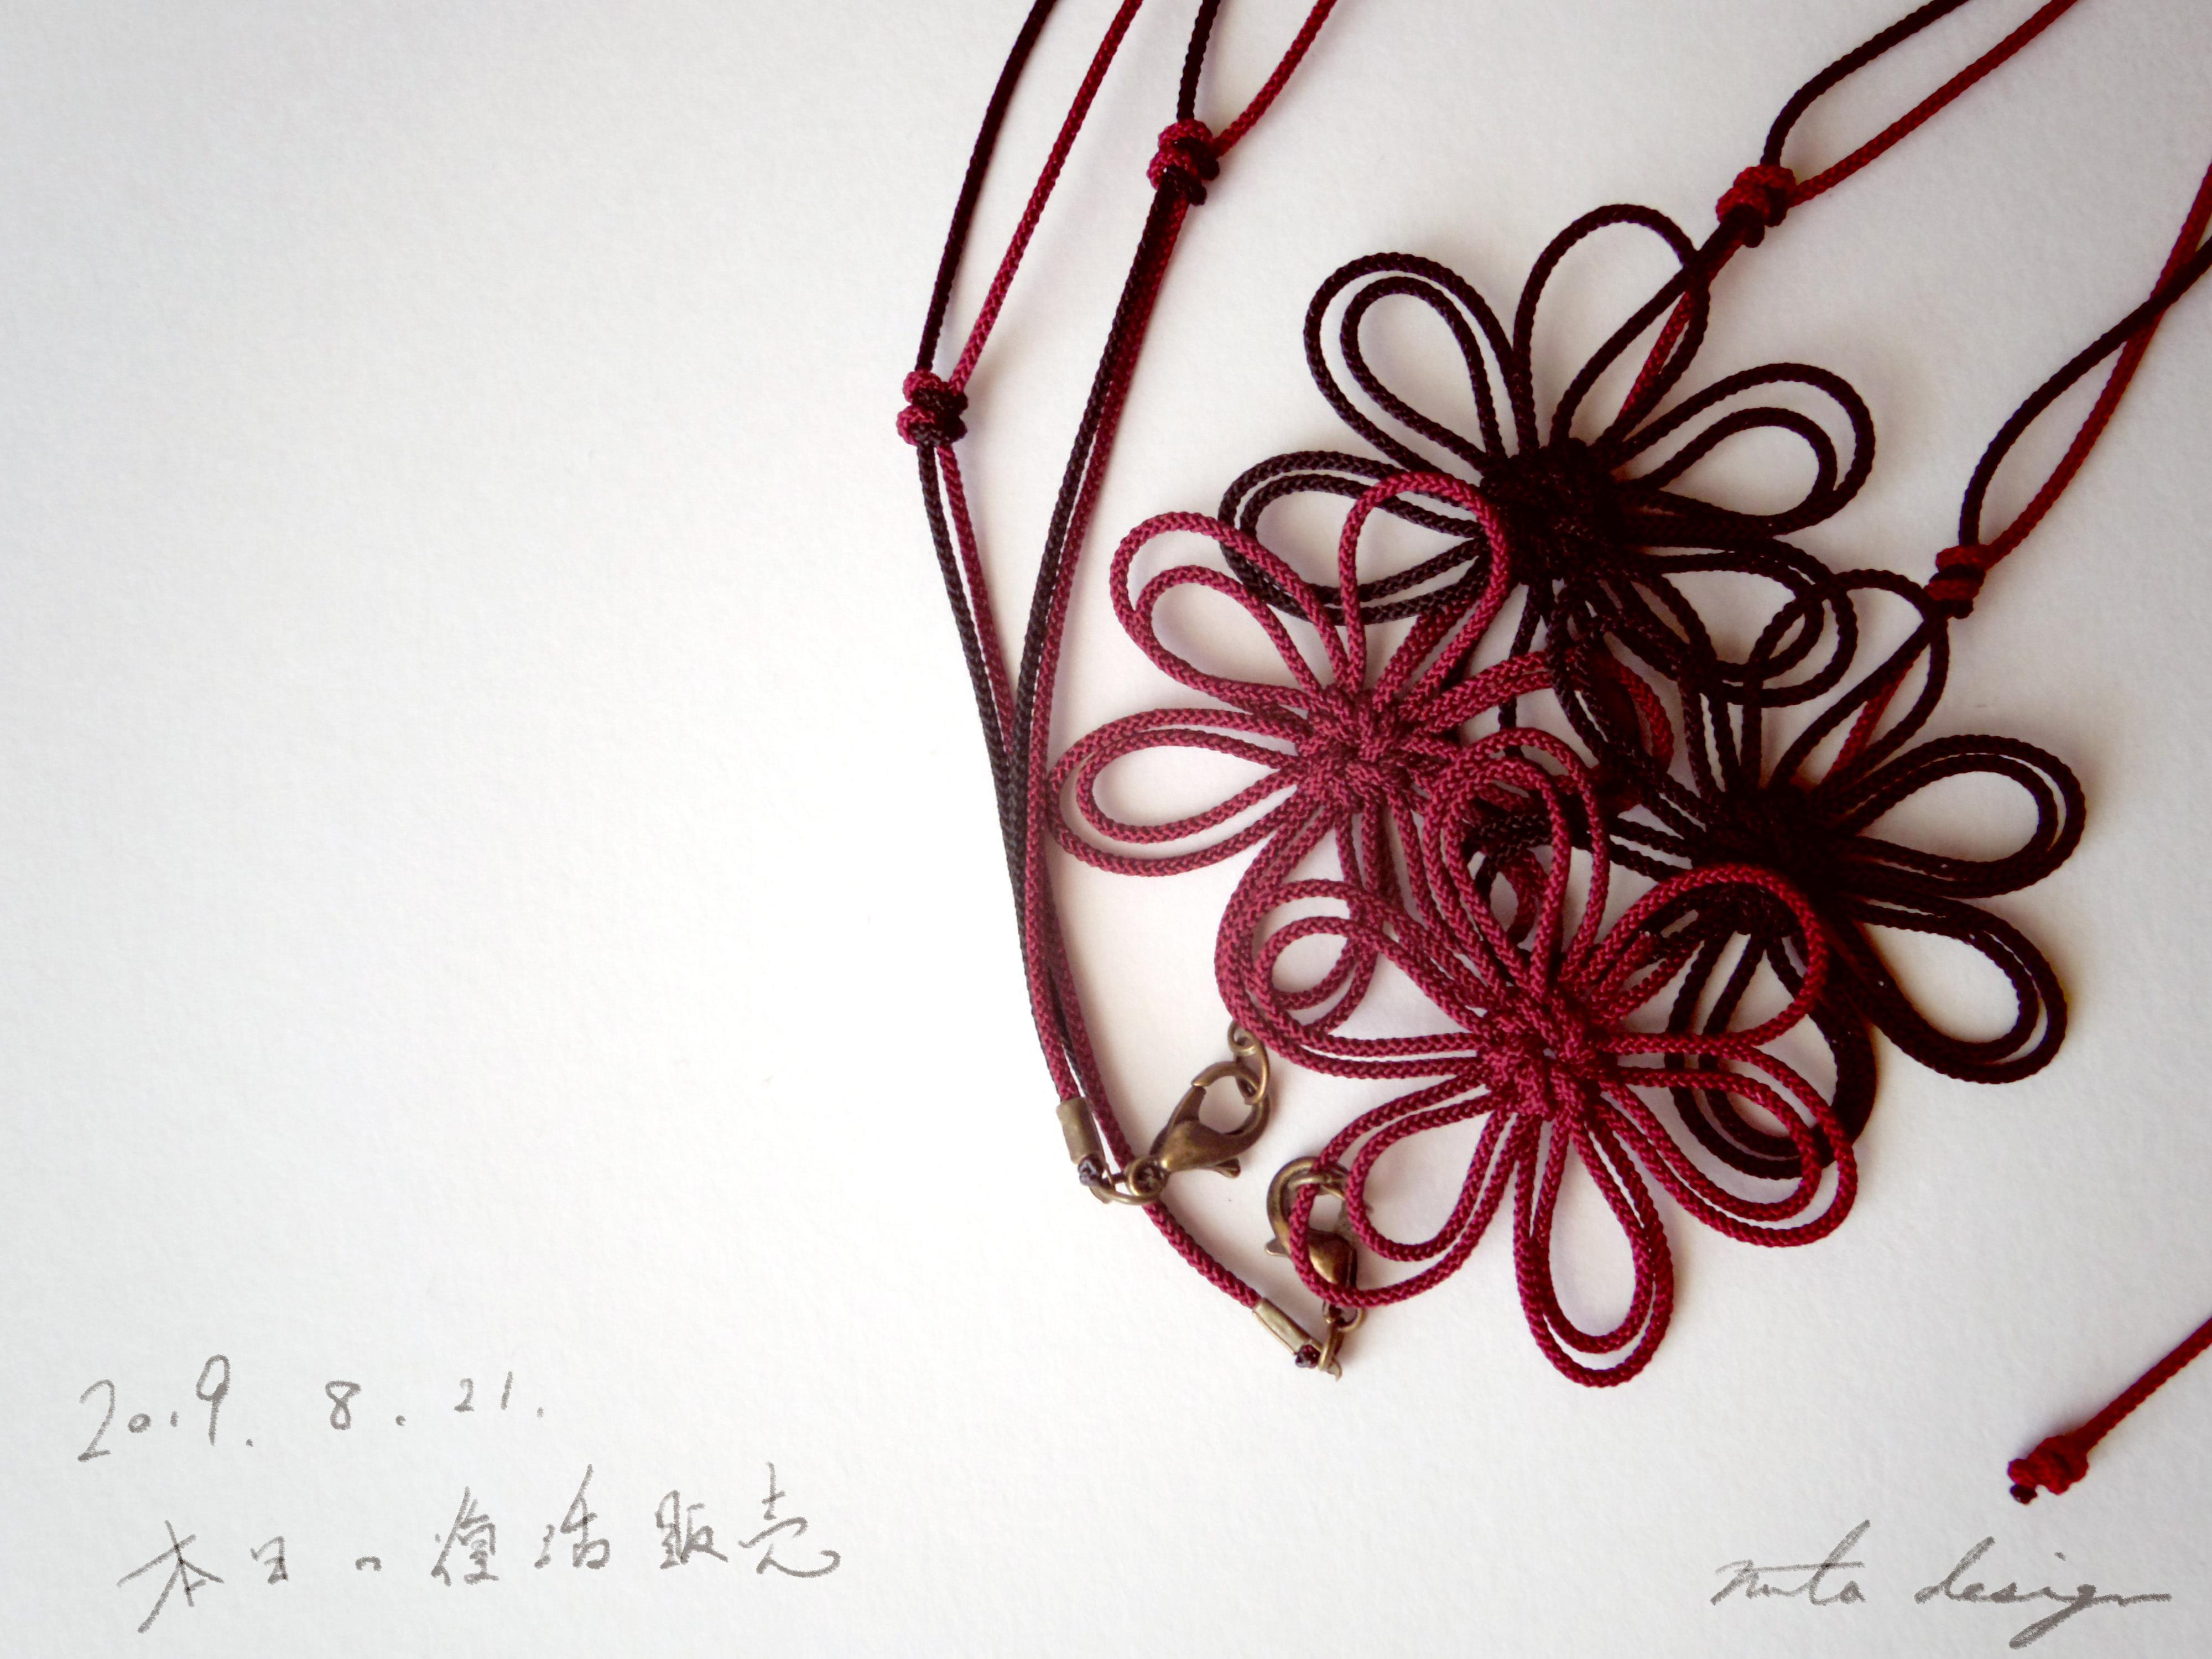 ブレスレット「仕草奏デル」(臙脂×黒)